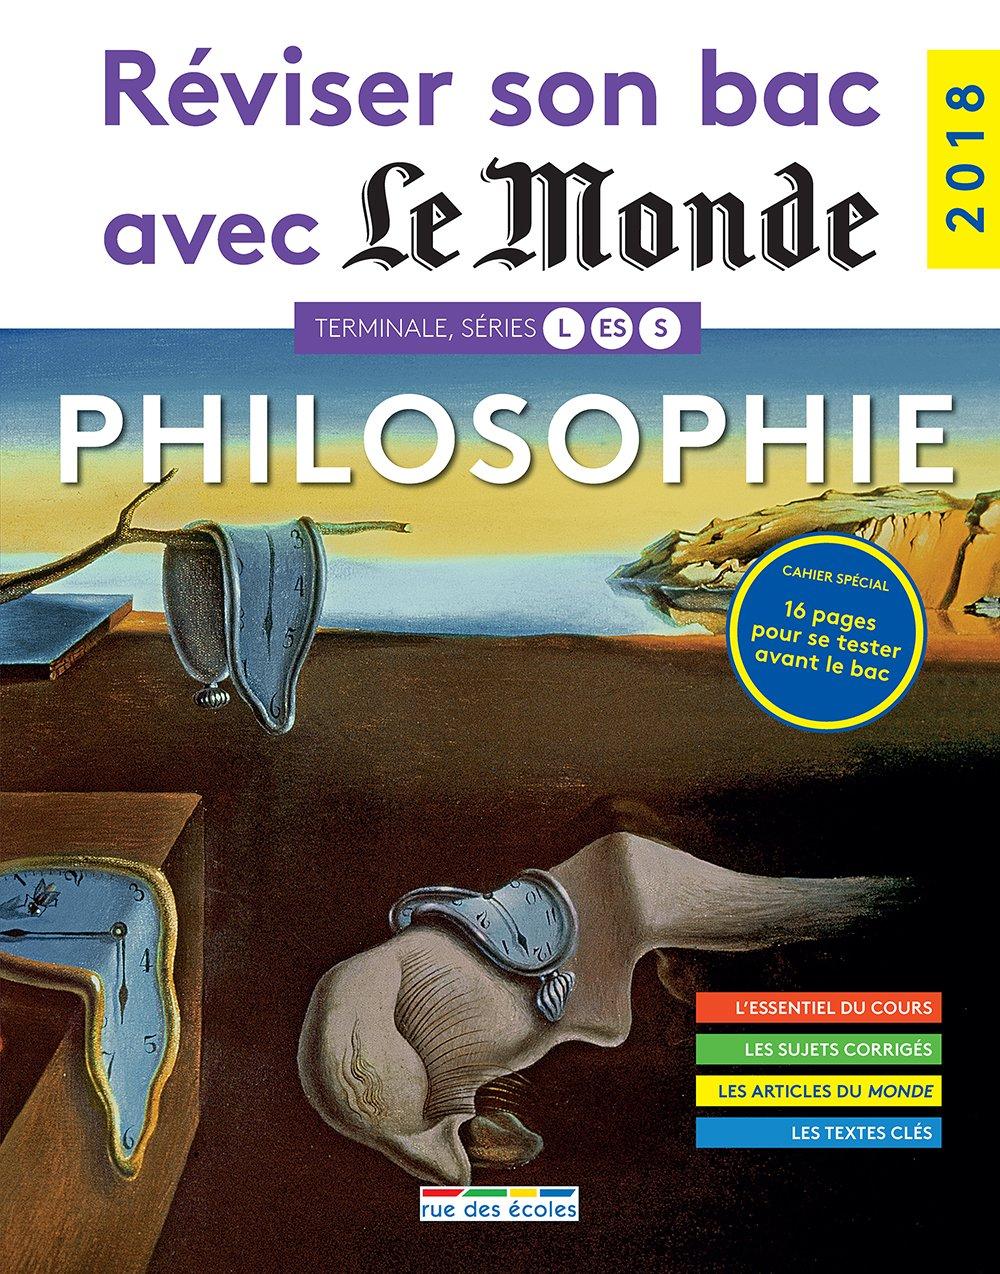 Philosophie Terminale, séries L, ES, S Réviser son bac avec le Monde: Amazon.es: Collectif, Stéphane Ernet, Eric Delassus, Eric Fourcassier, Sybil Gerault: ...